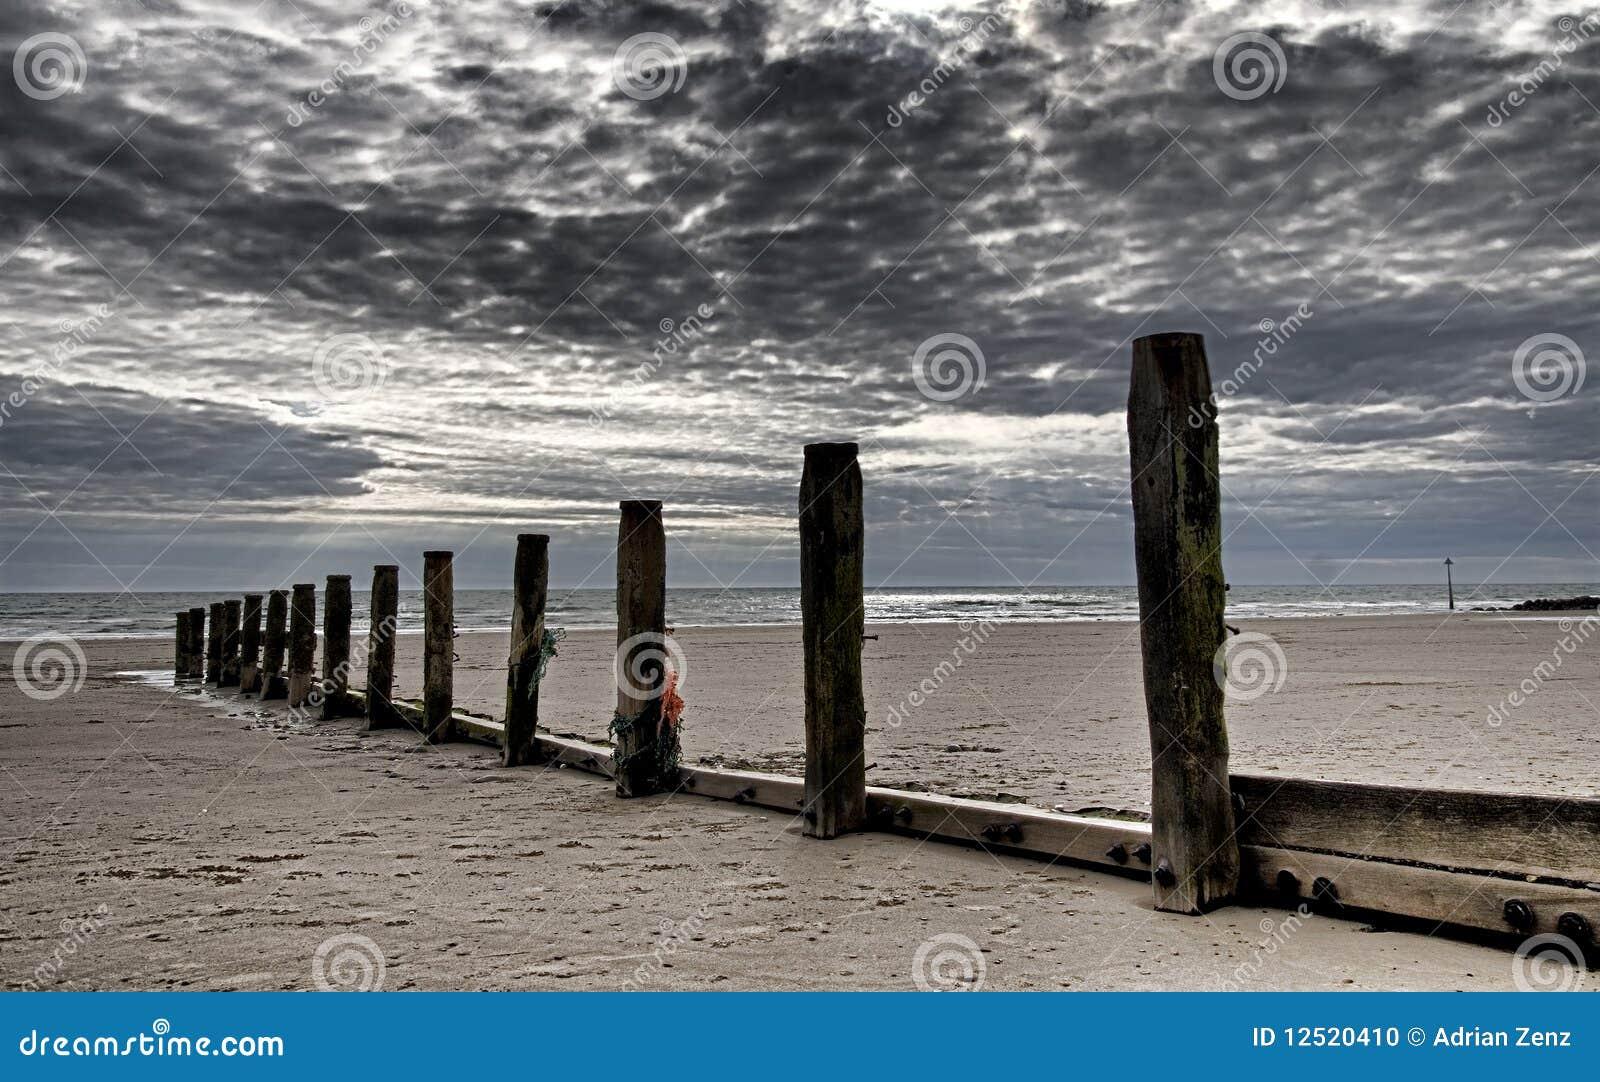 poteaux en bois au bord de la mer au pays de galles nordique photo stock image du c tier. Black Bedroom Furniture Sets. Home Design Ideas